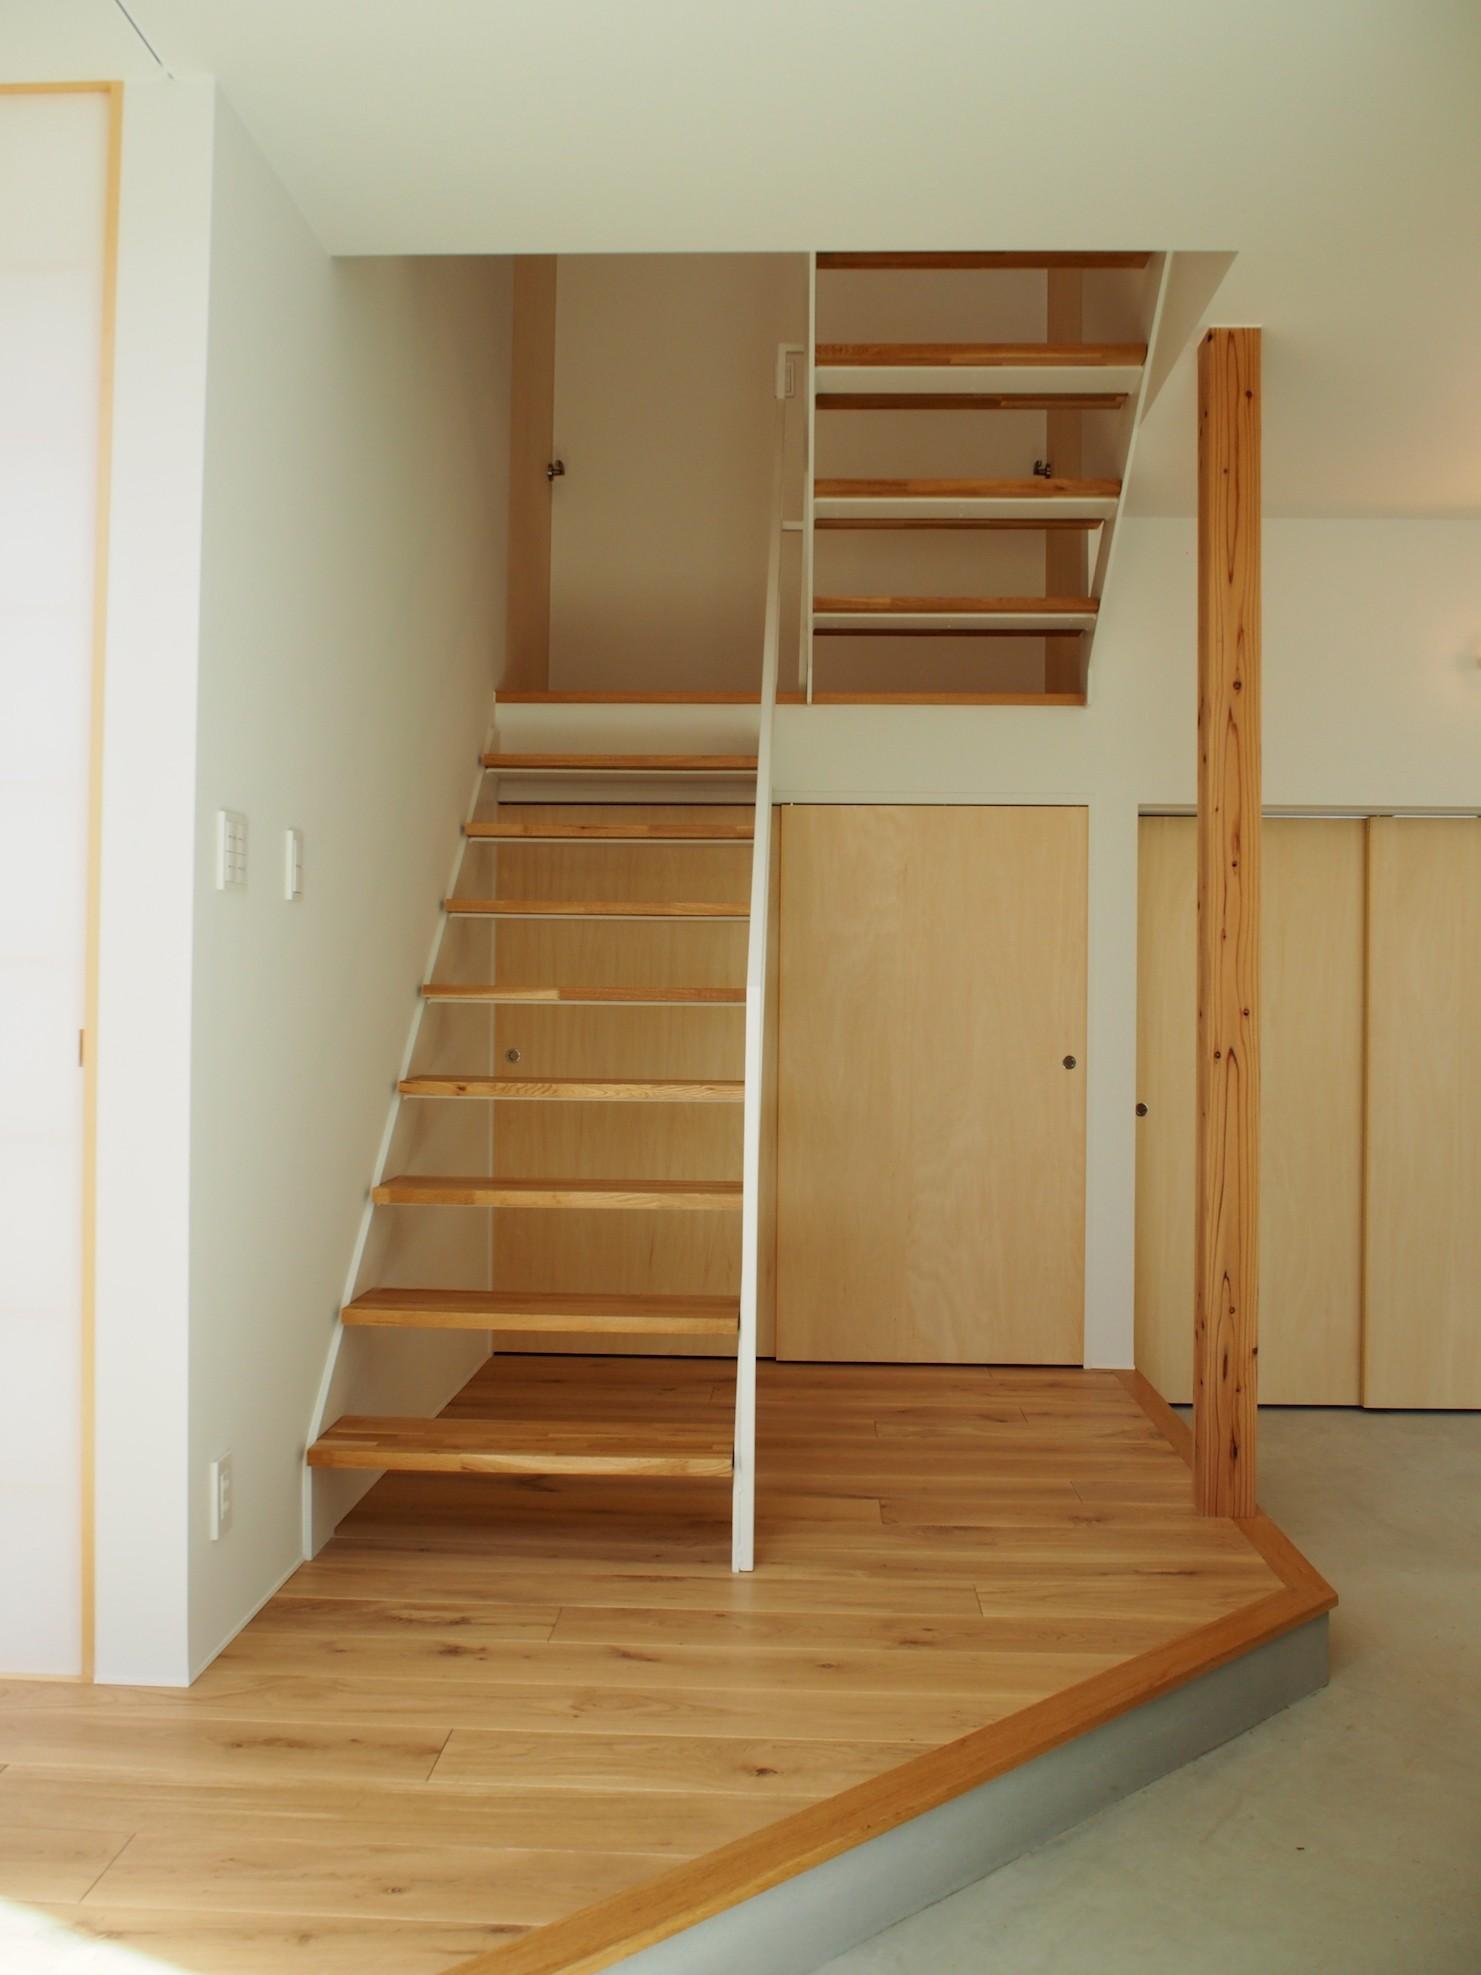 その他事例:階段(大屋根の家)